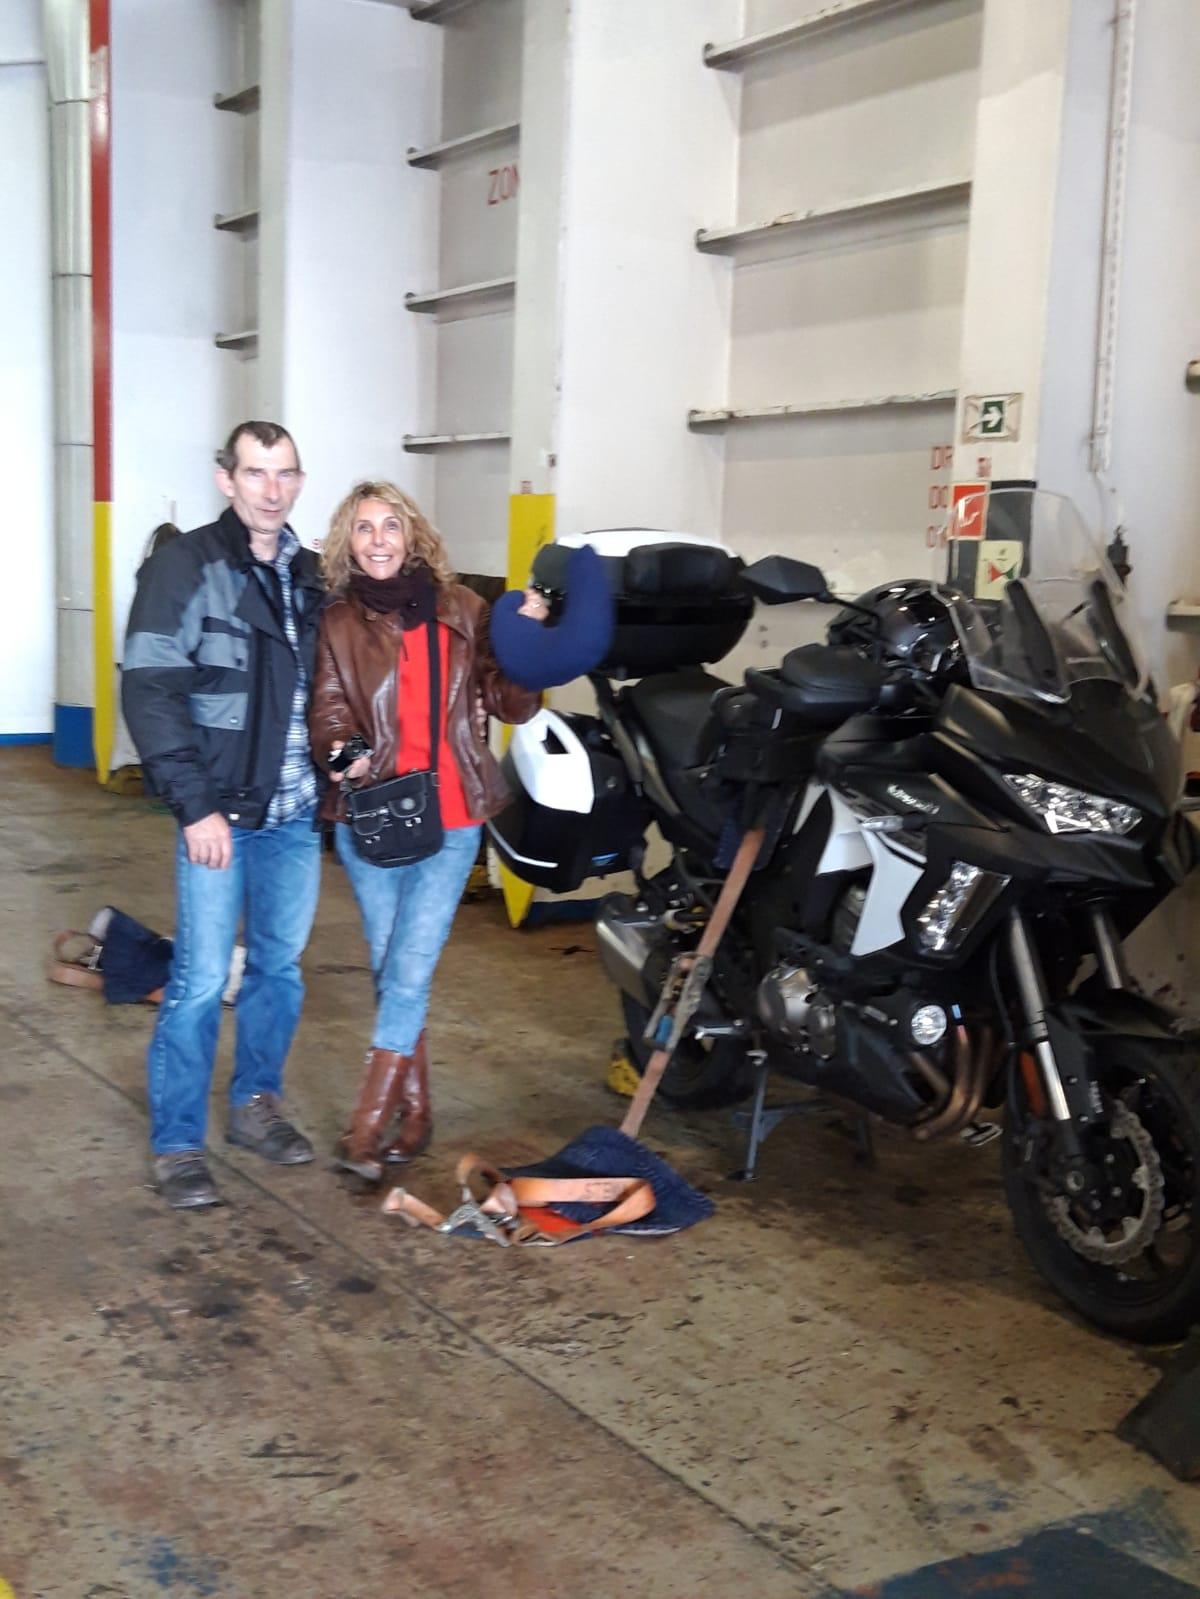 Weekend de Thierry - Cathy et Thierry vous proposent un week-end motard dans la Sarthe